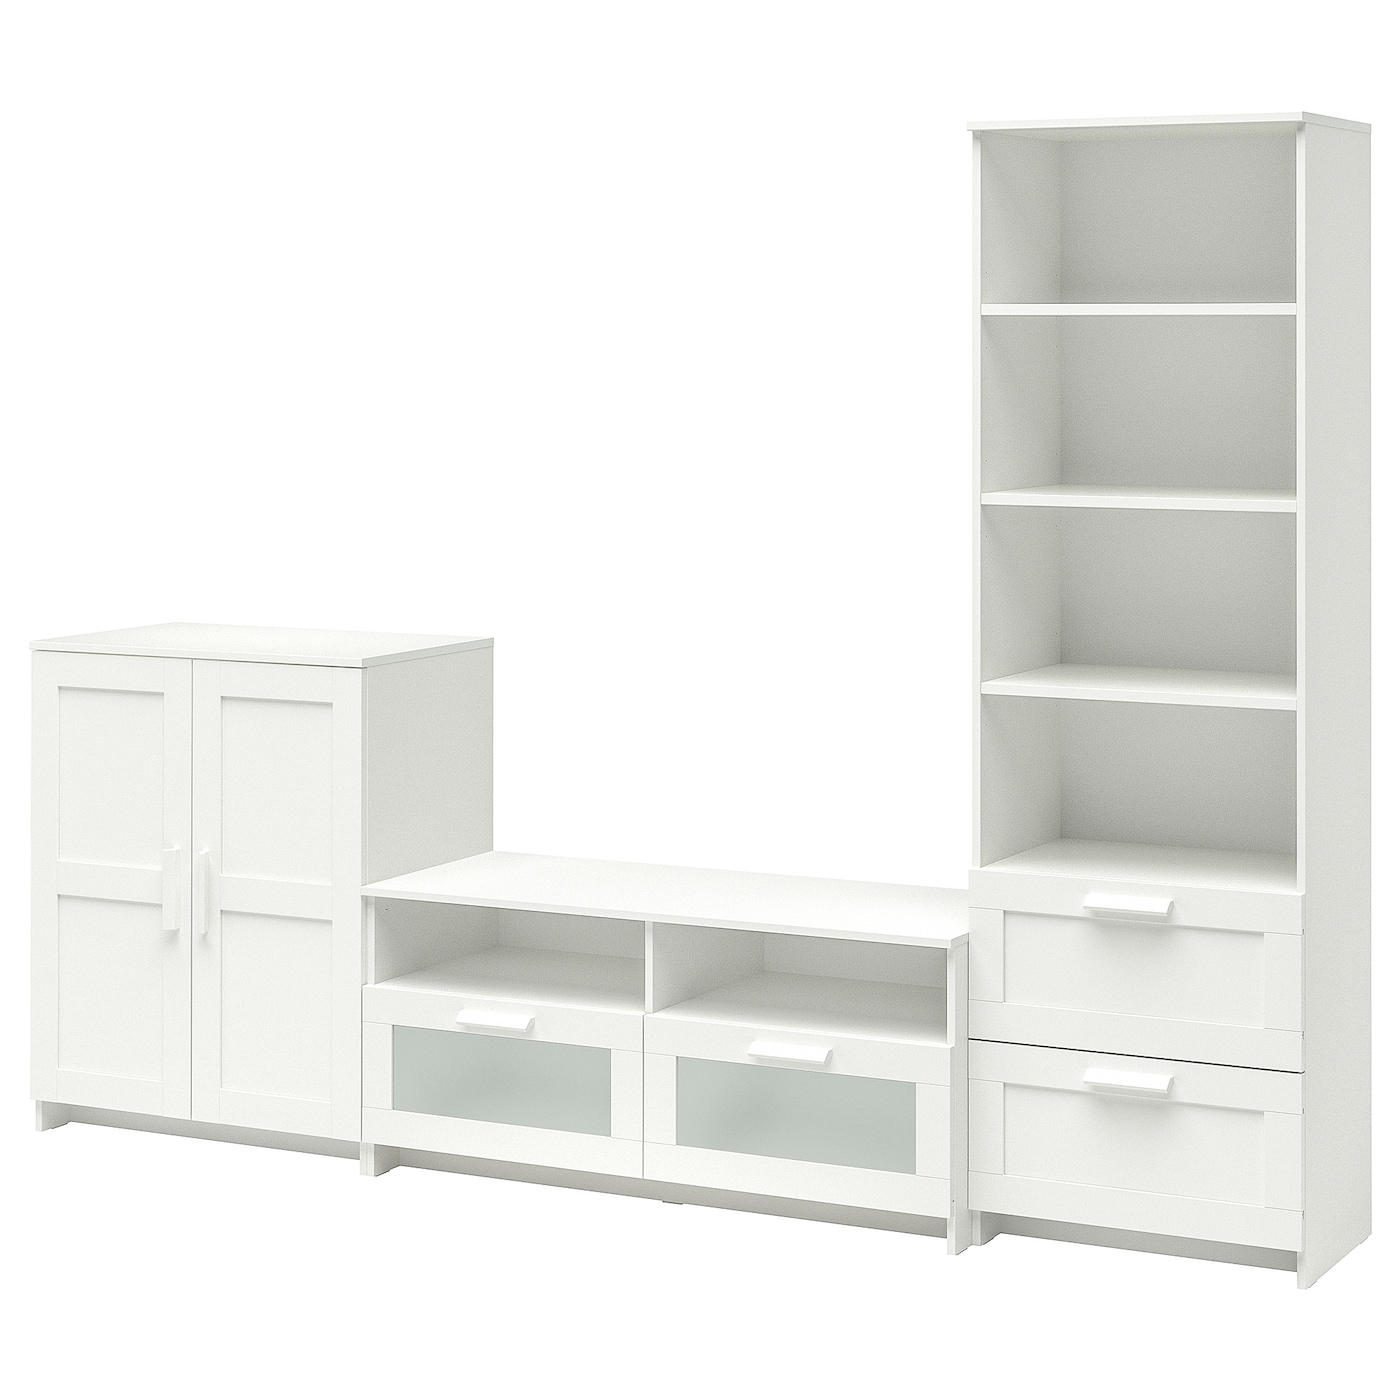 Fernsehschrank Regal weiß Fernsehtisch 149x55cm TV-Bank TV Tisch IKEA LACK